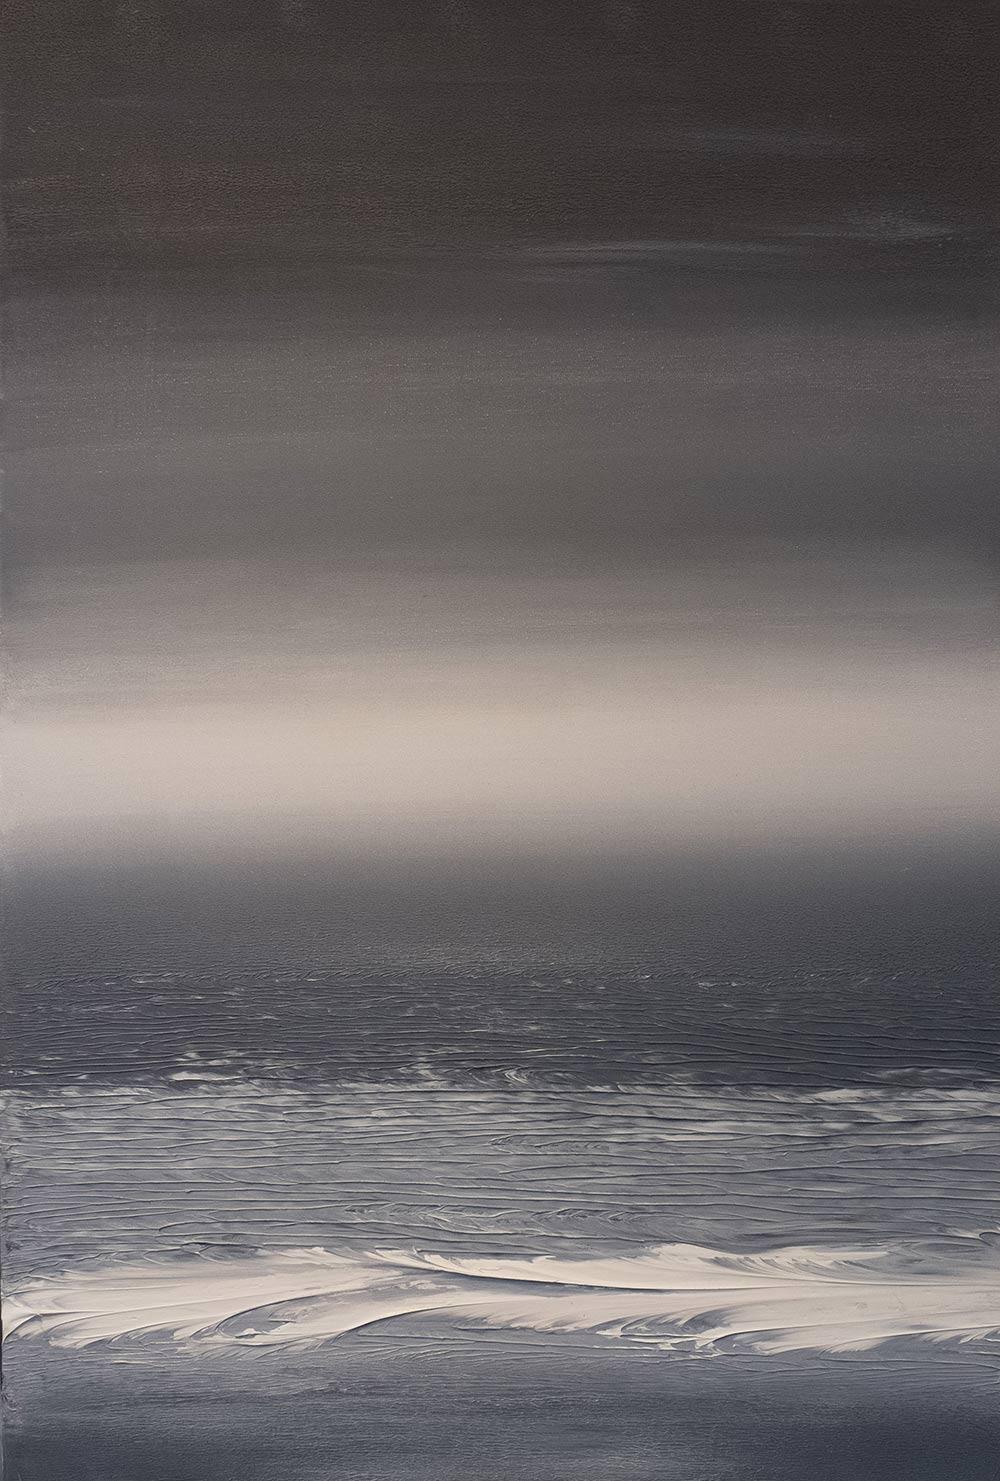 David-Joy-Seascapes-D19-013-61